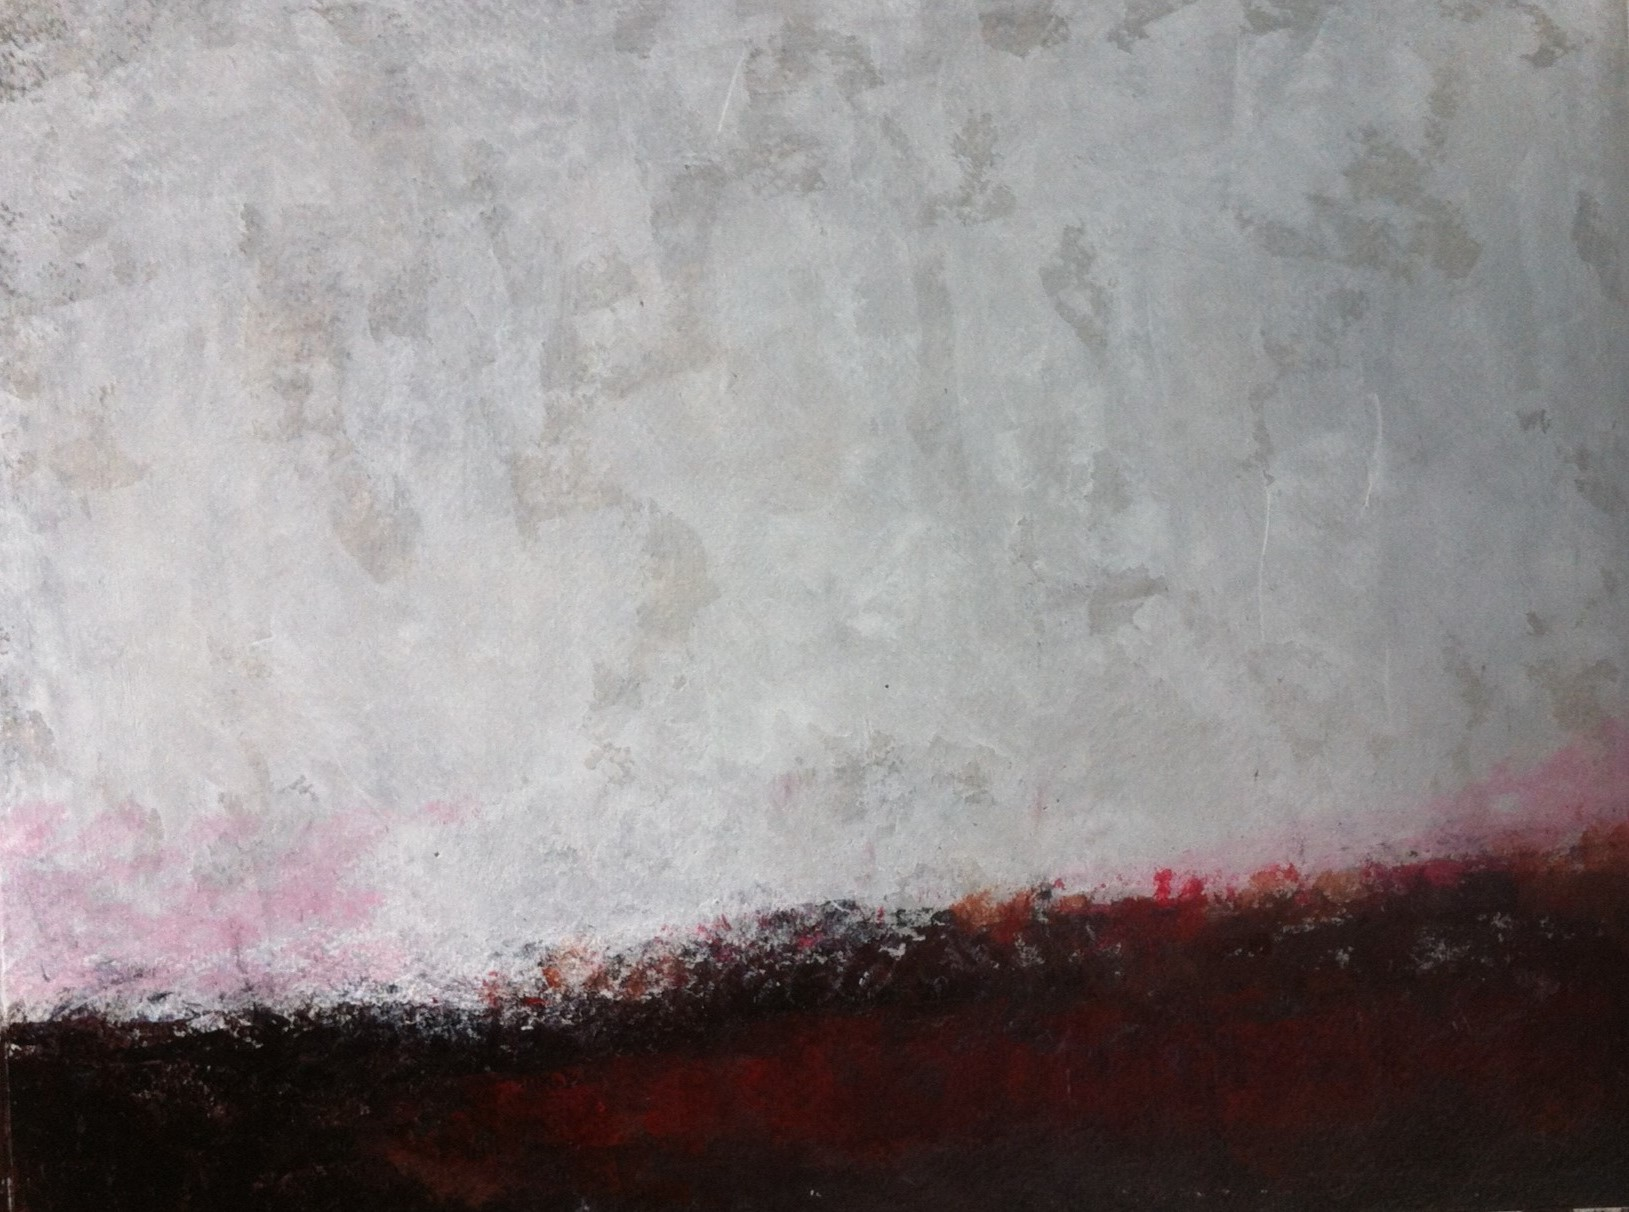 N°781 - Terre rouge - Acrylique sur papier - 24 x 31,5 cm - 2 novembre 2013